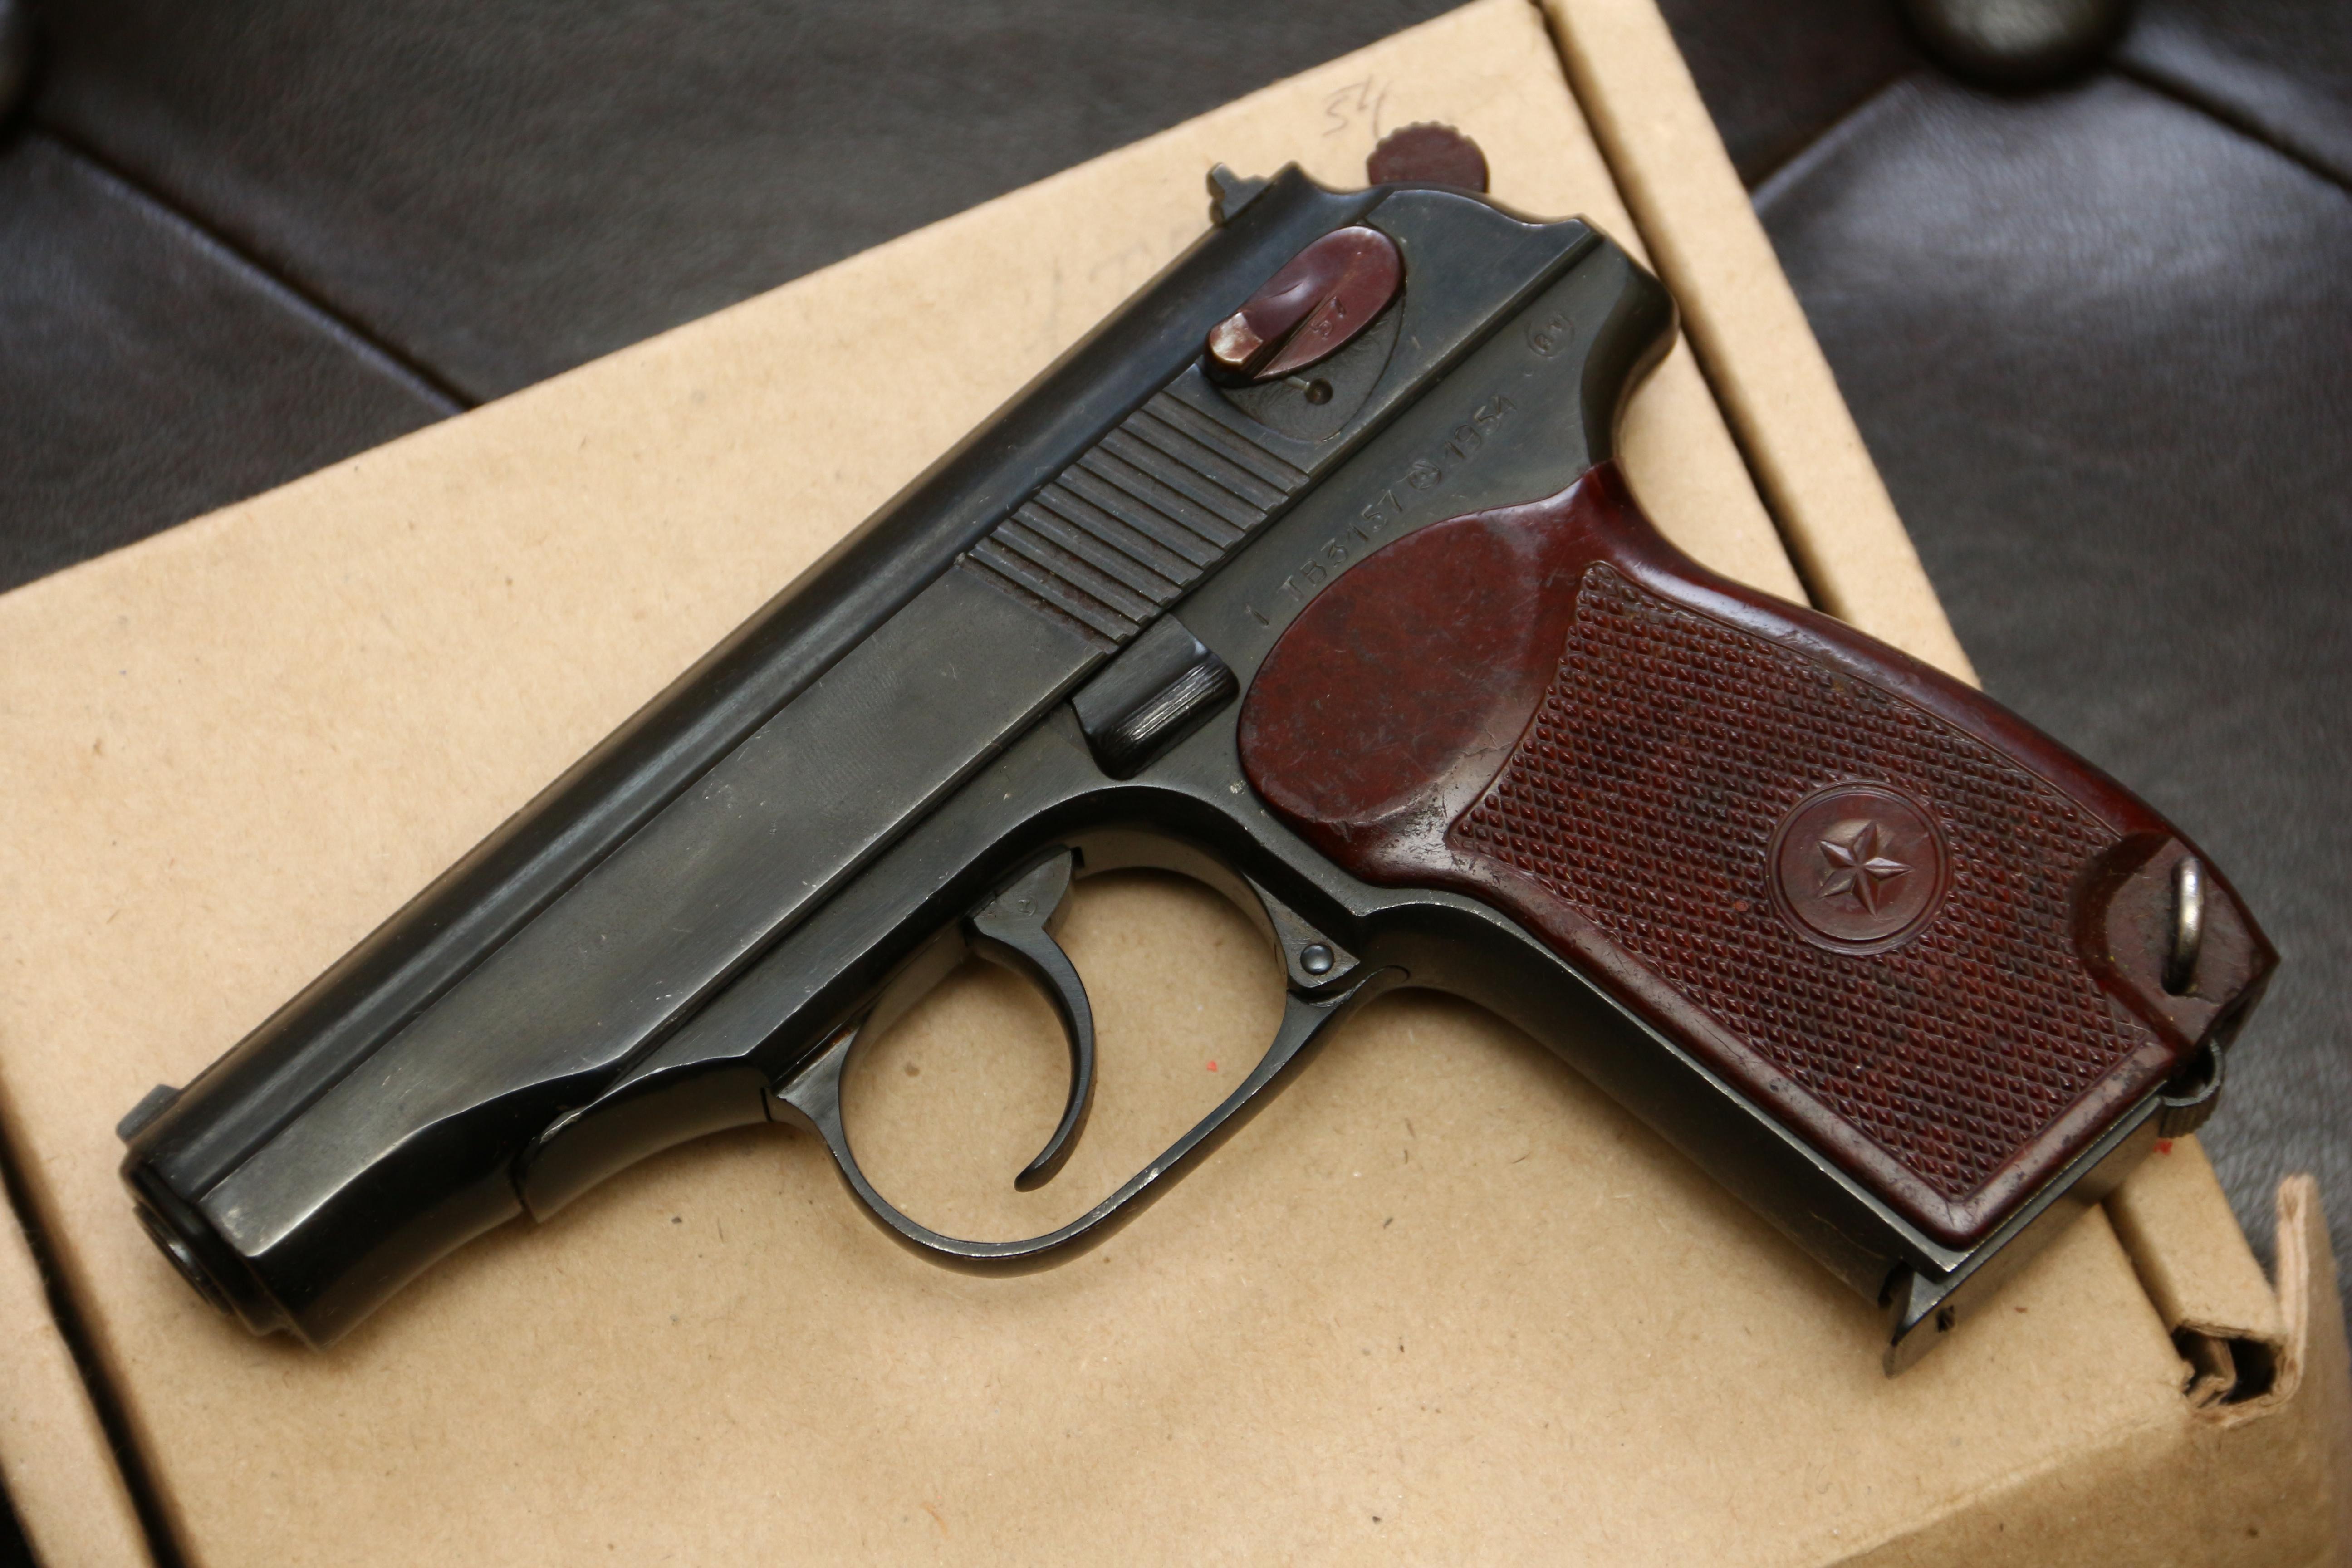 Охолощенный пистолет Макарова ПМ-О 1954 года №ТВ3157